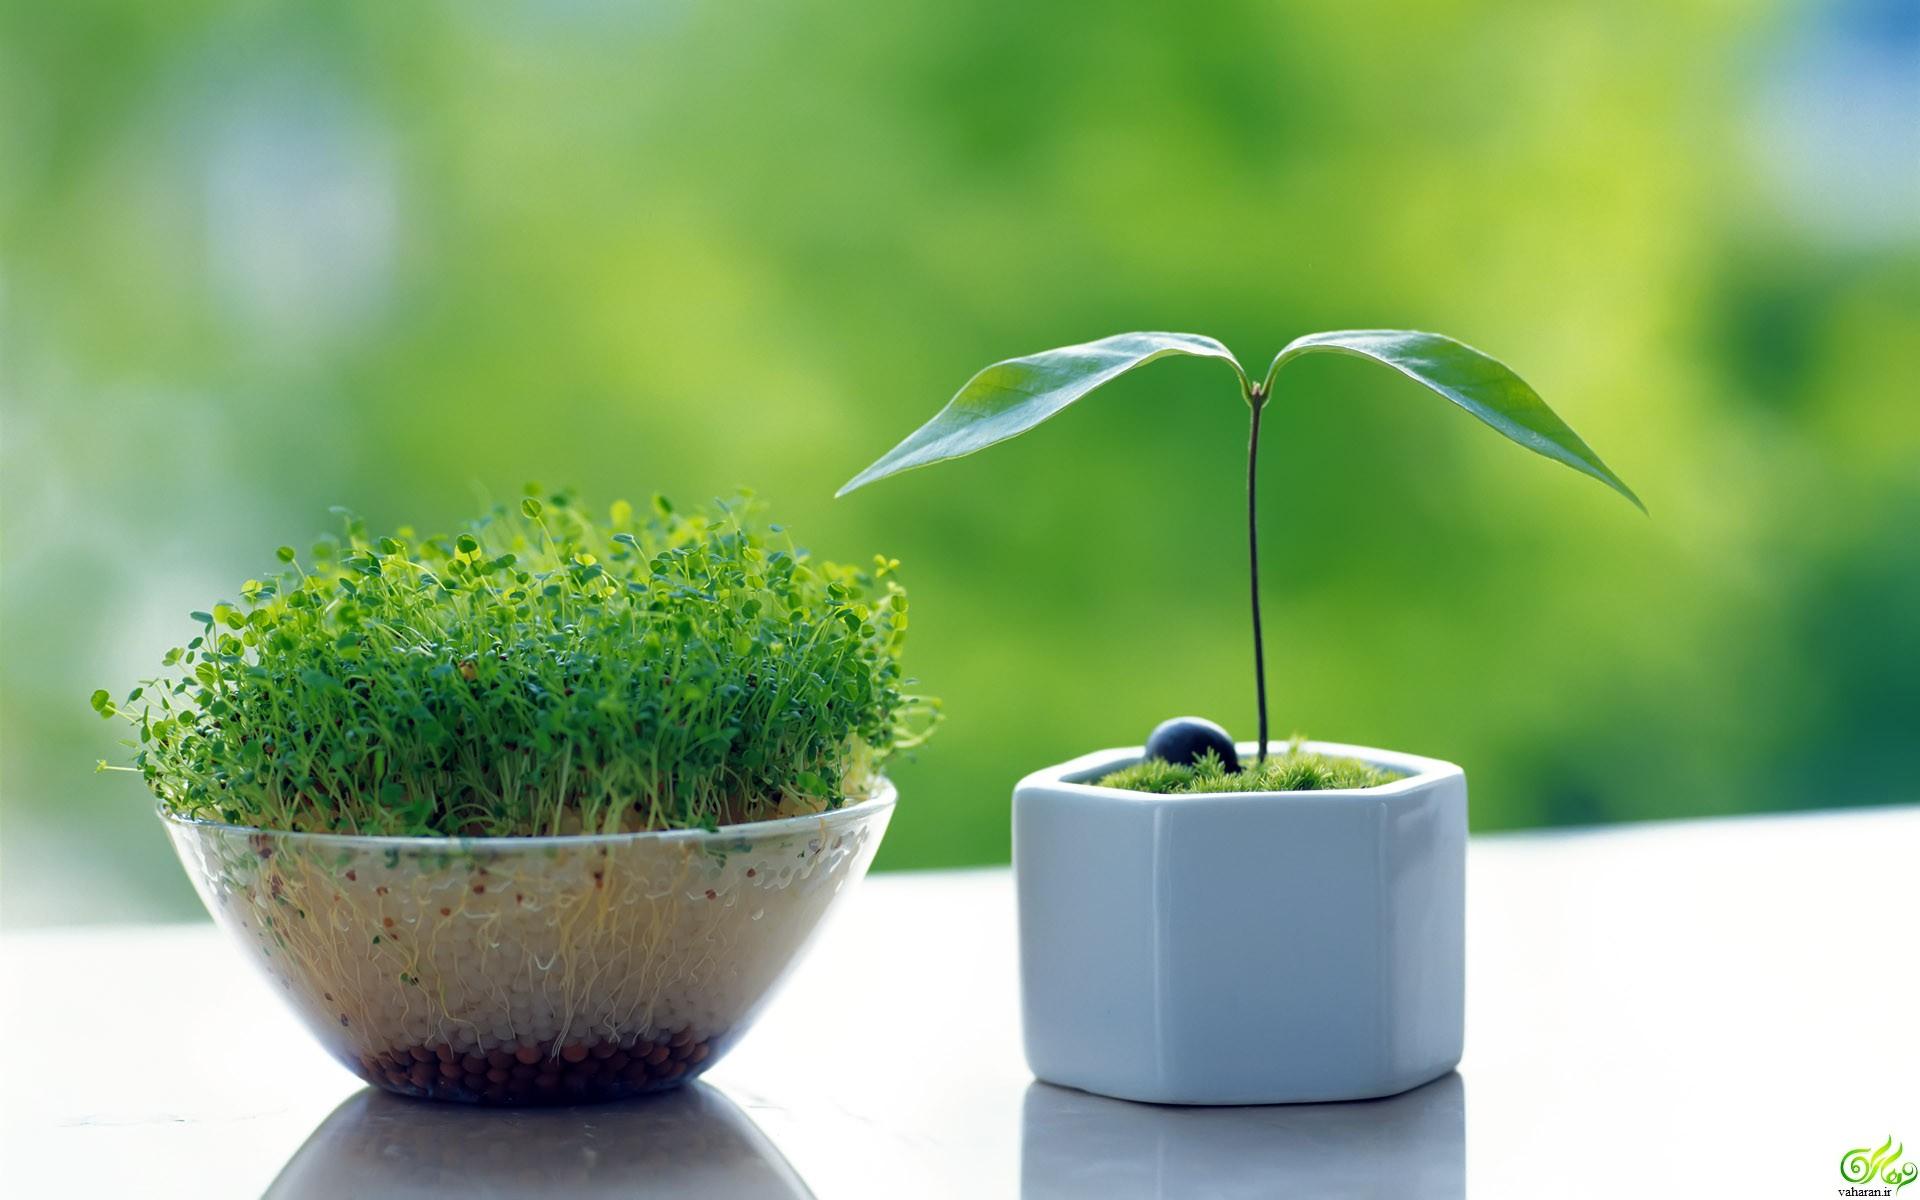 بهترین زمان برای سبزه انداختن نوروز 97 + اطلاعات کامل تر